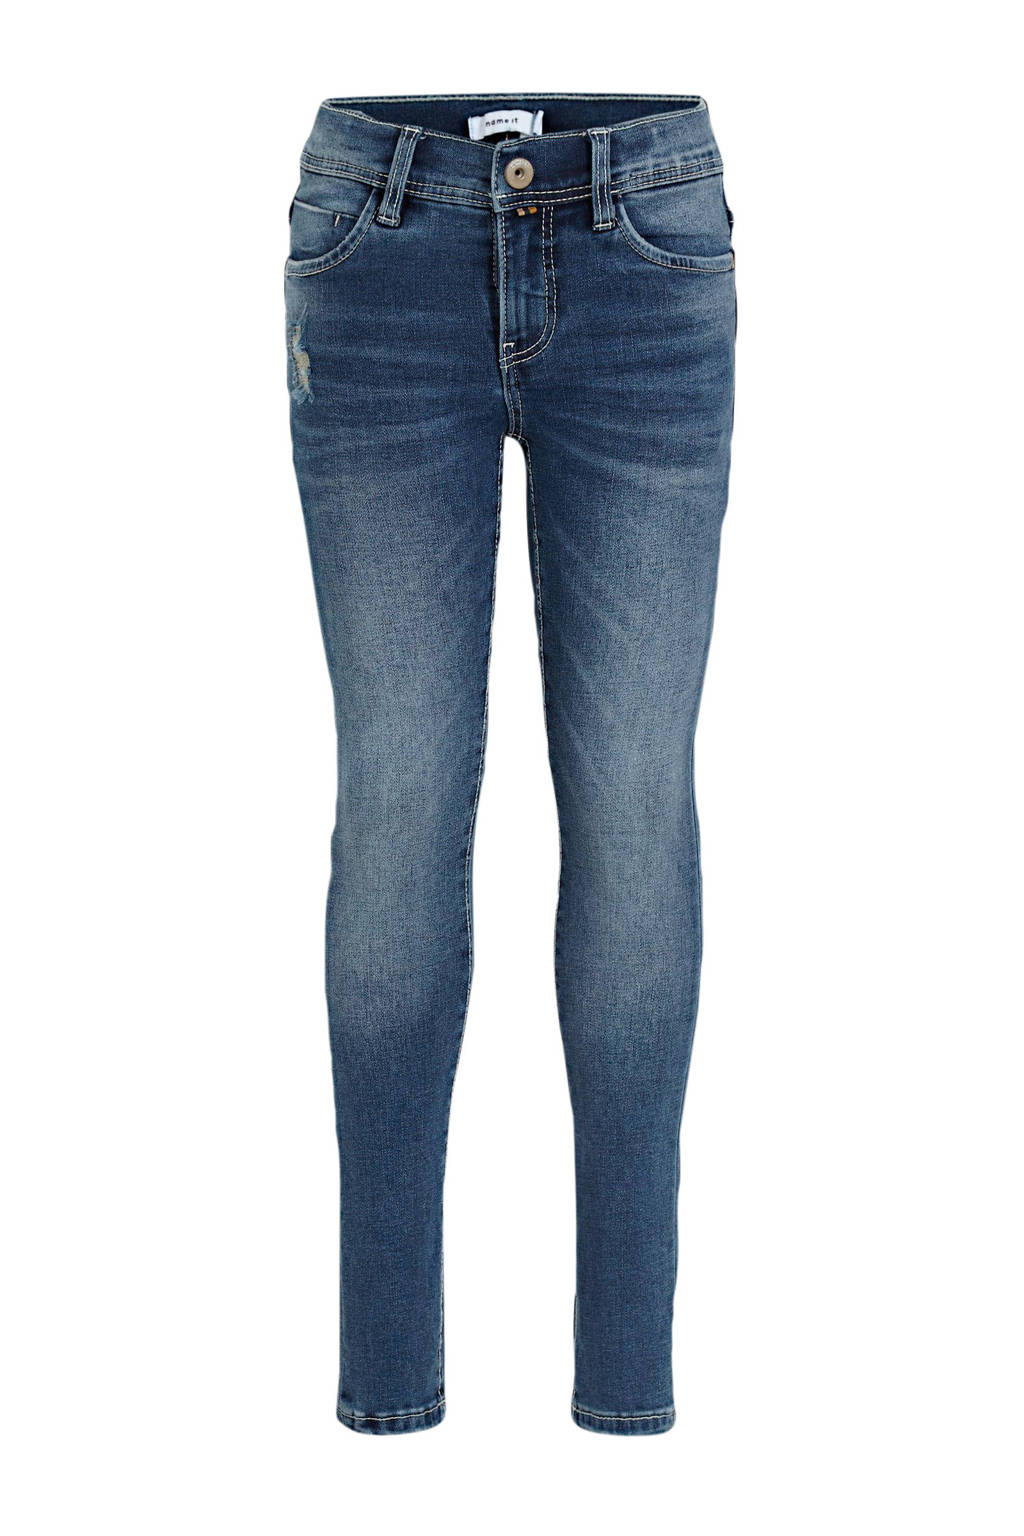 NAME IT KIDS skinny jeans Pete met slijtage stonewashede, Stonewashede